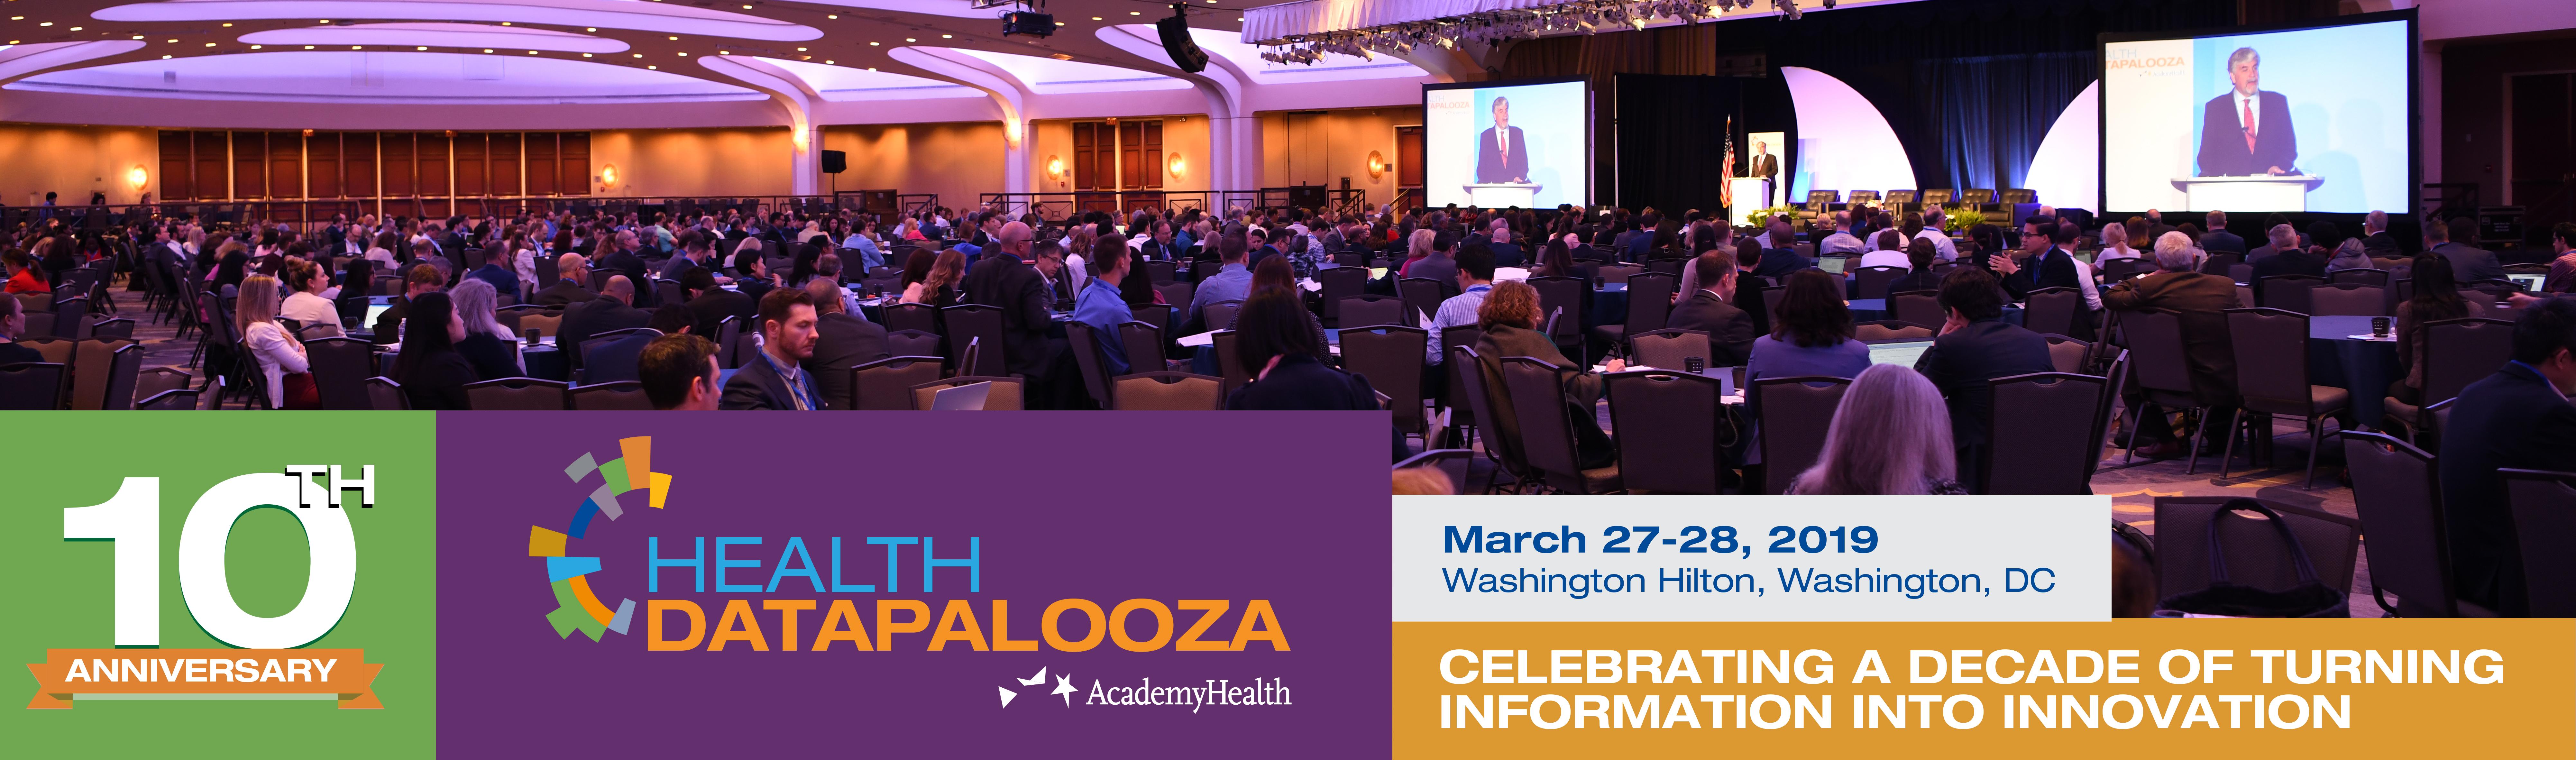 2019 Health Datapalooza   AcademyHealth